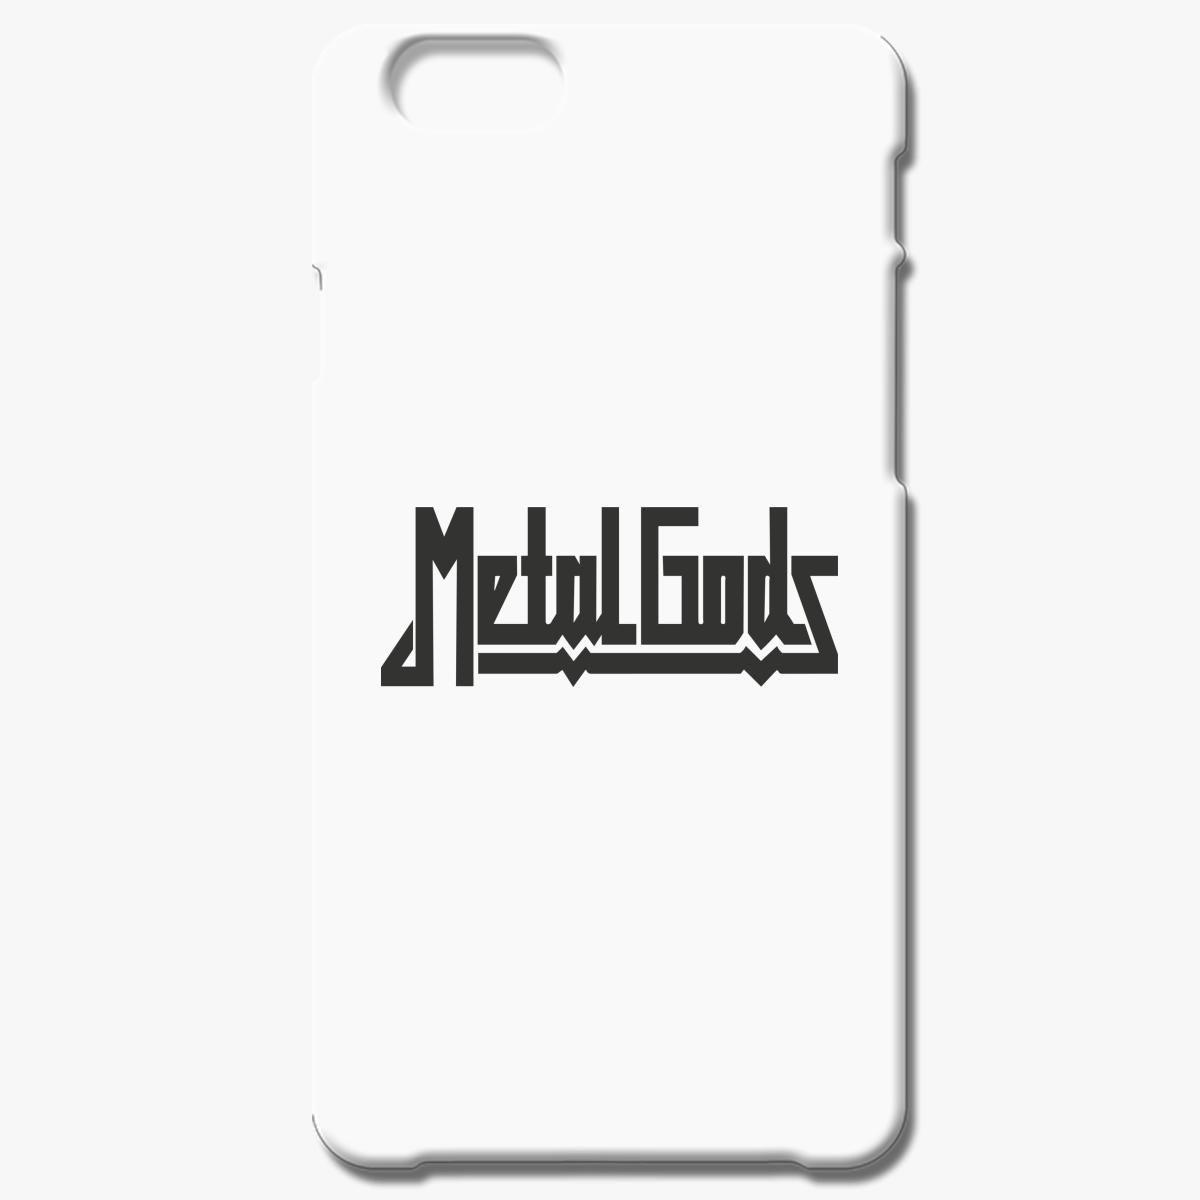 Judas Priest Metal Gods Iphone 6 6s Plus Case